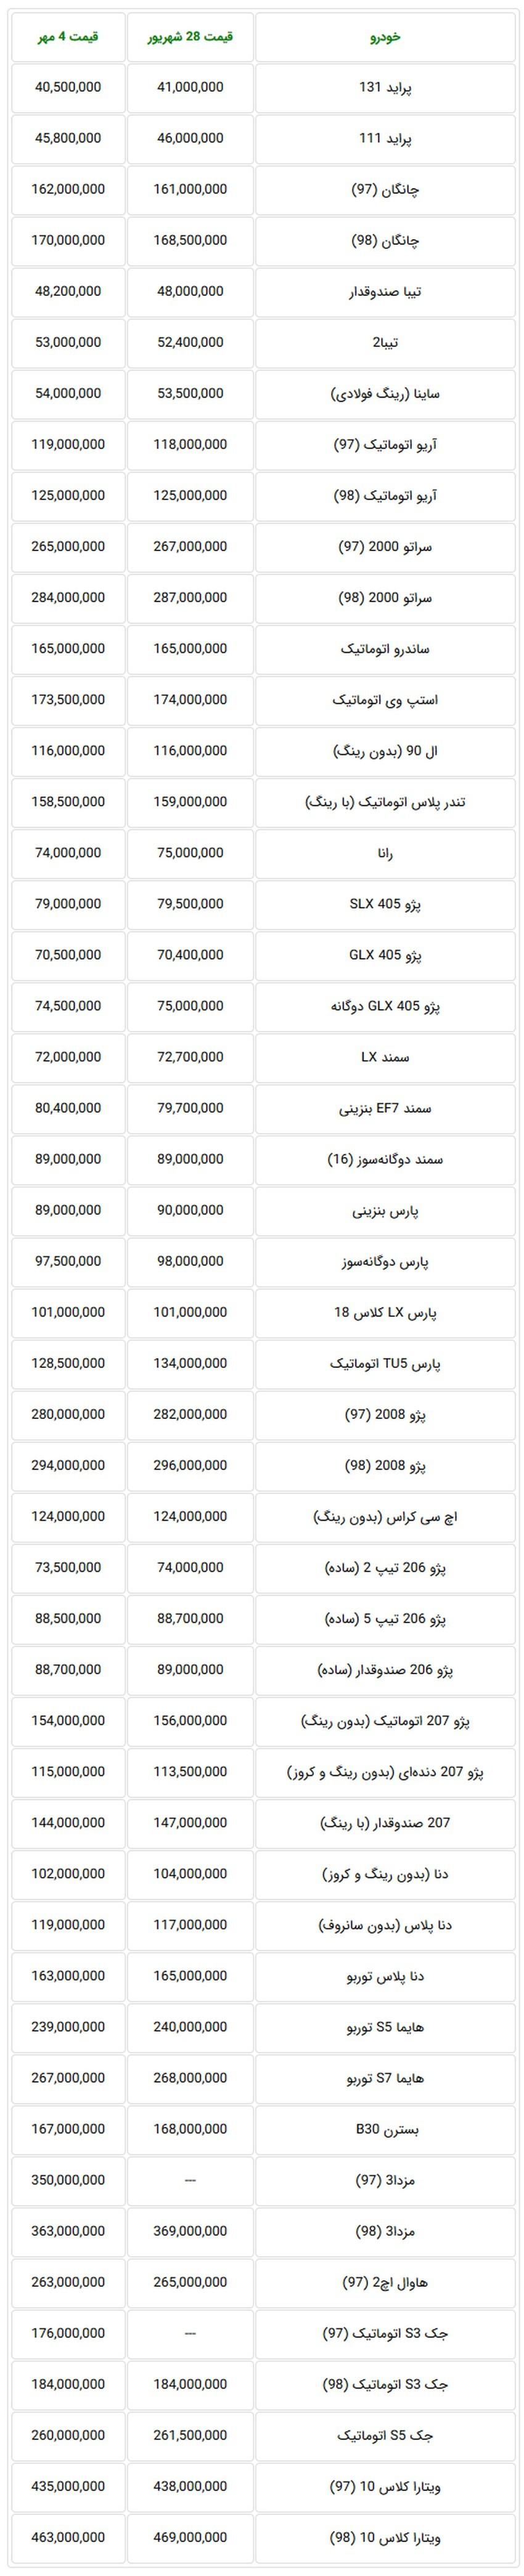 نگاهی به قیمت خودروهای داخلی در بازار تهران در هفته گذشته.jpg